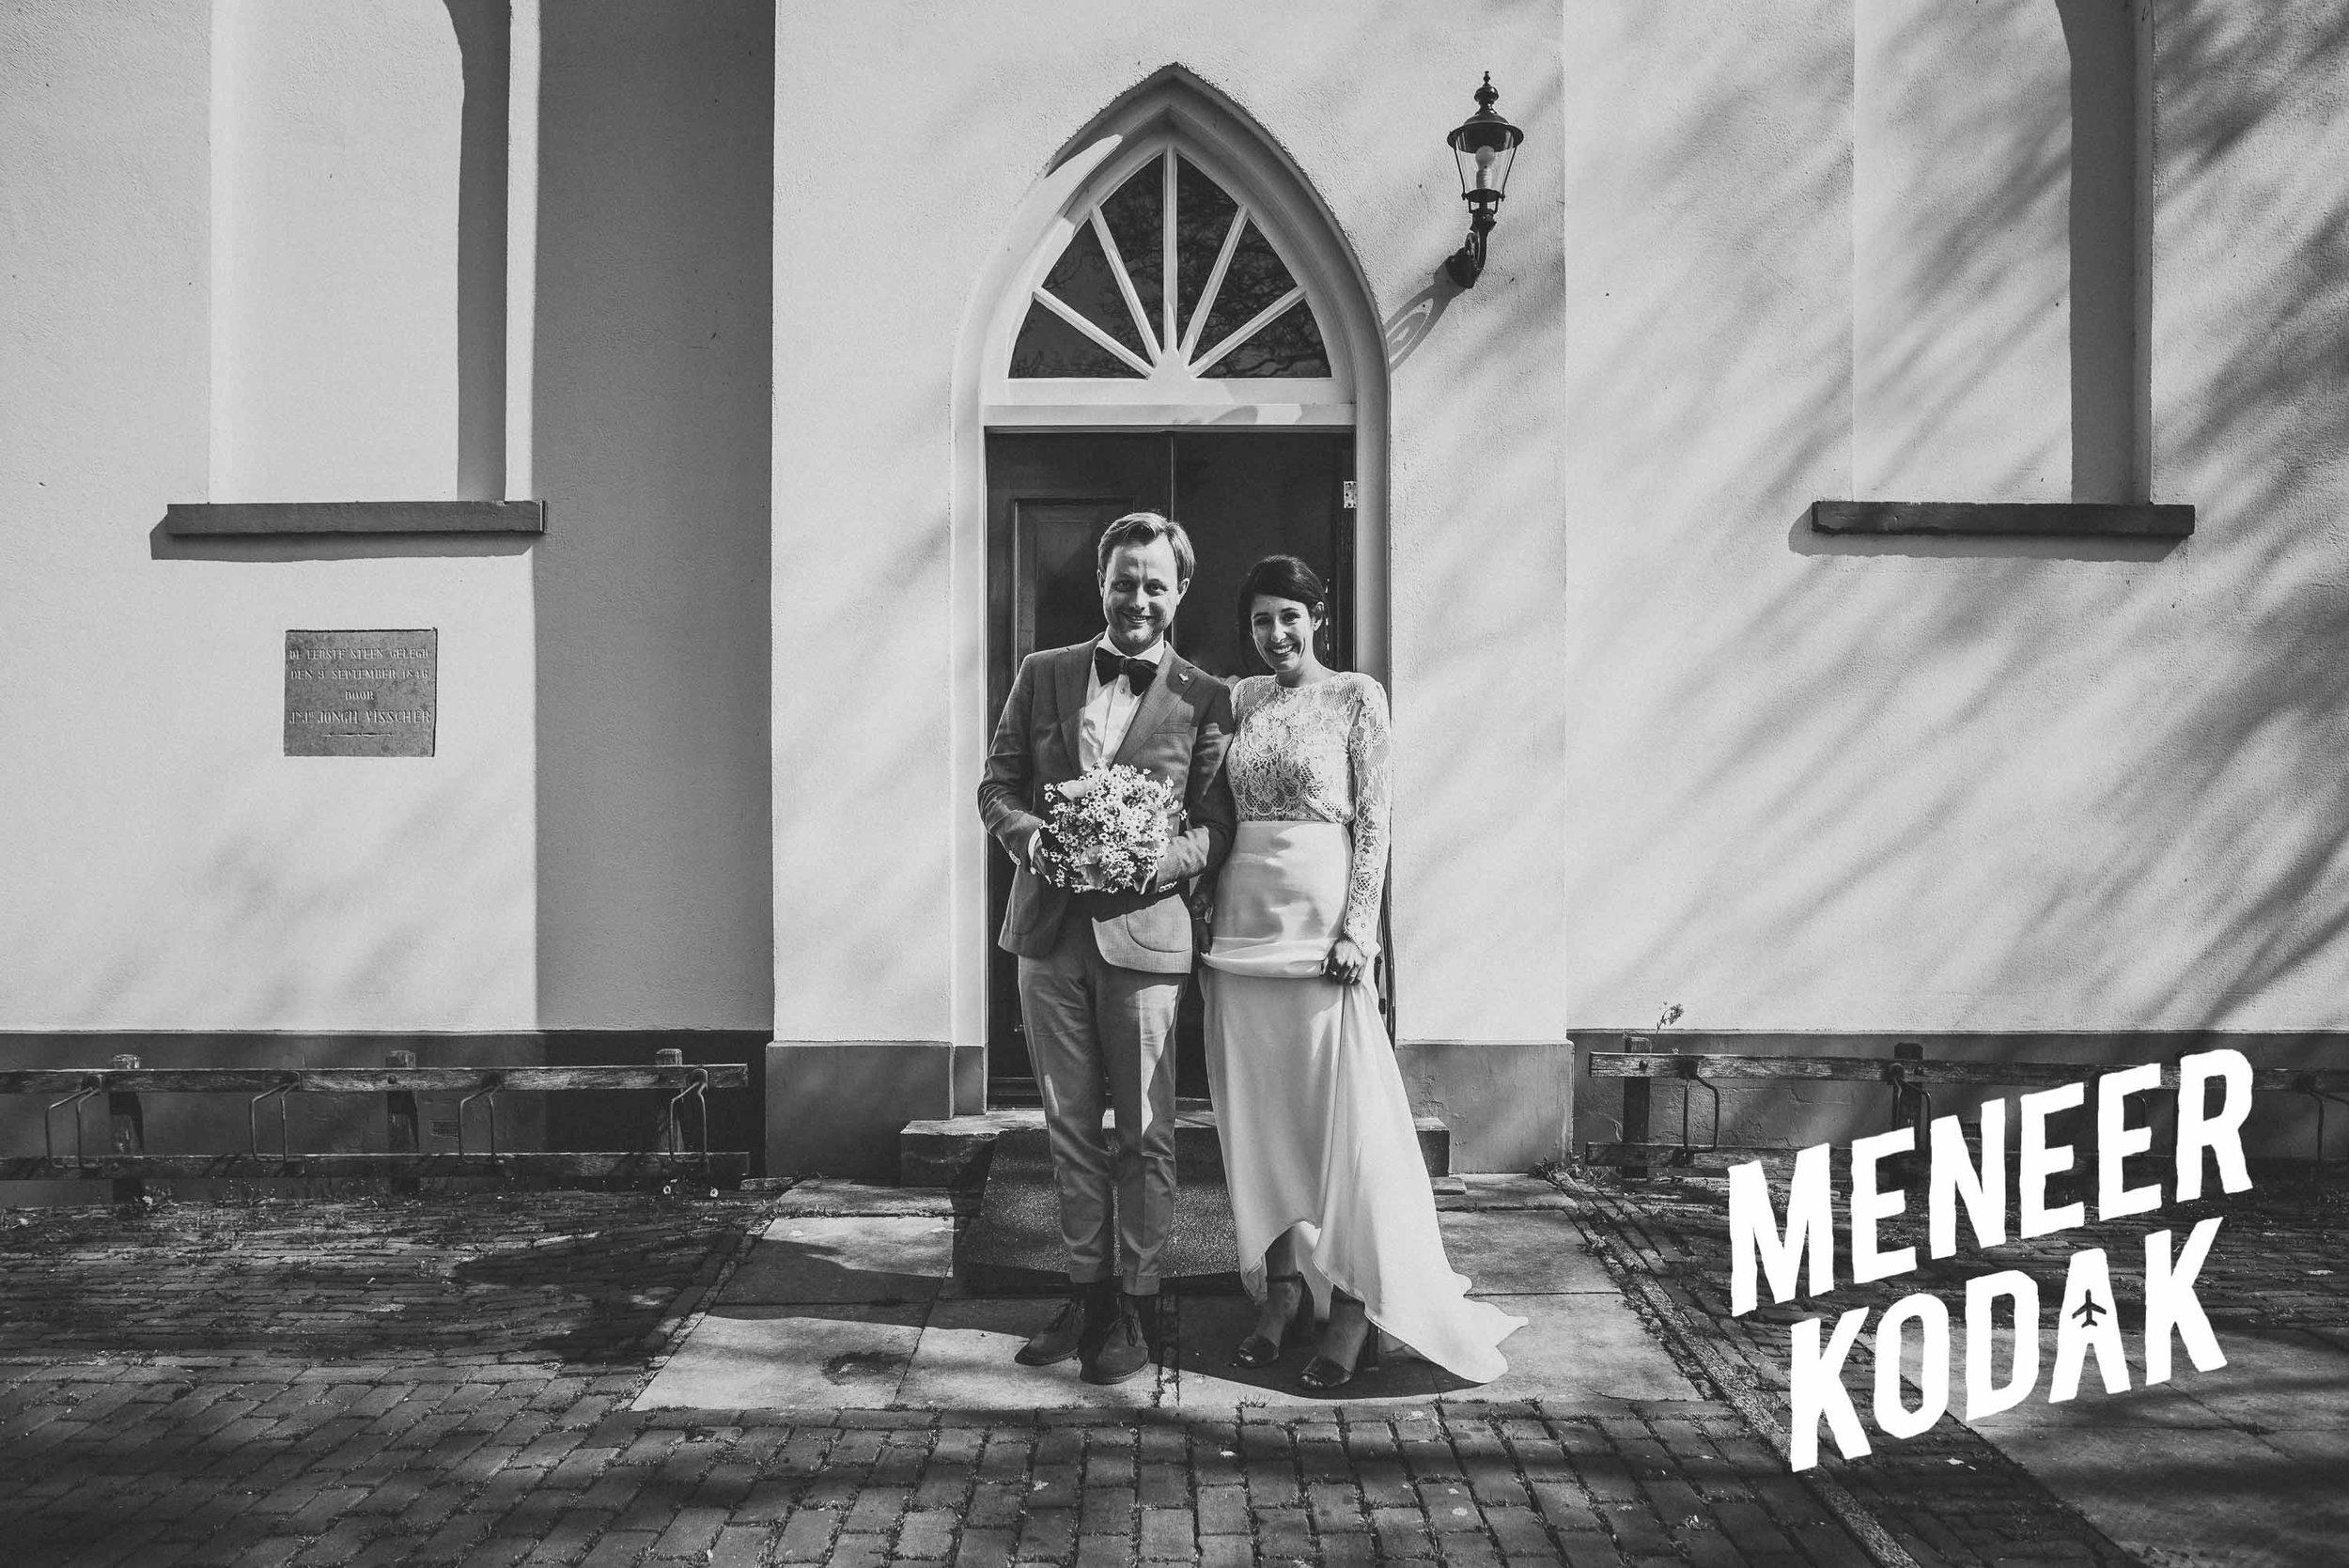 Meneer Kodak - Bruidsfotograaf - Amsterdam - M&J-043.jpg